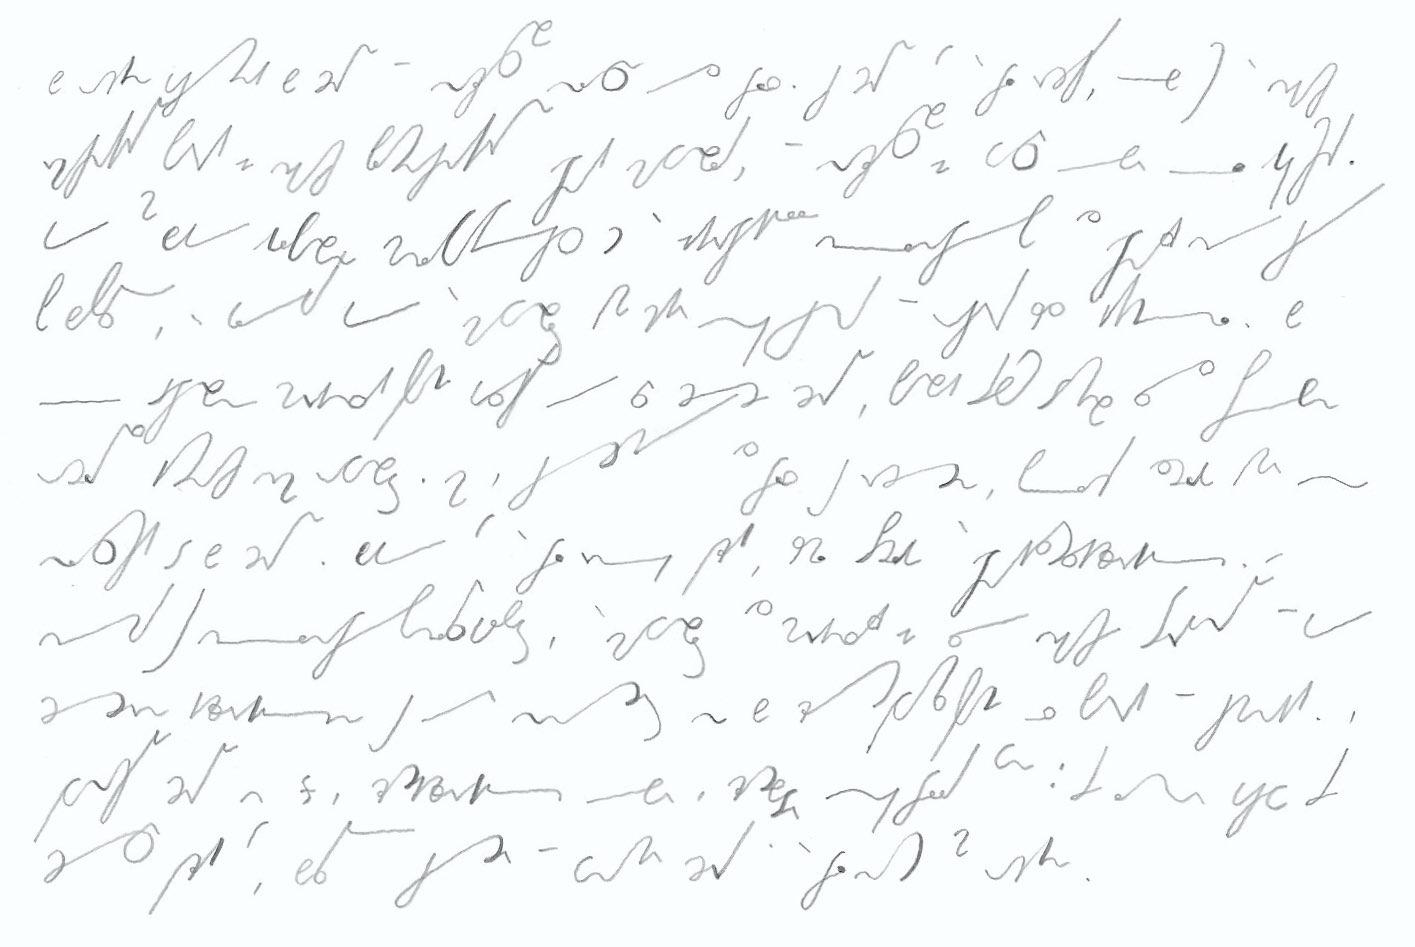 Stenogramm: Vergüten von Stählen. Deutsche Einheitskurzschrift (DEK) – Verkehrsschrift